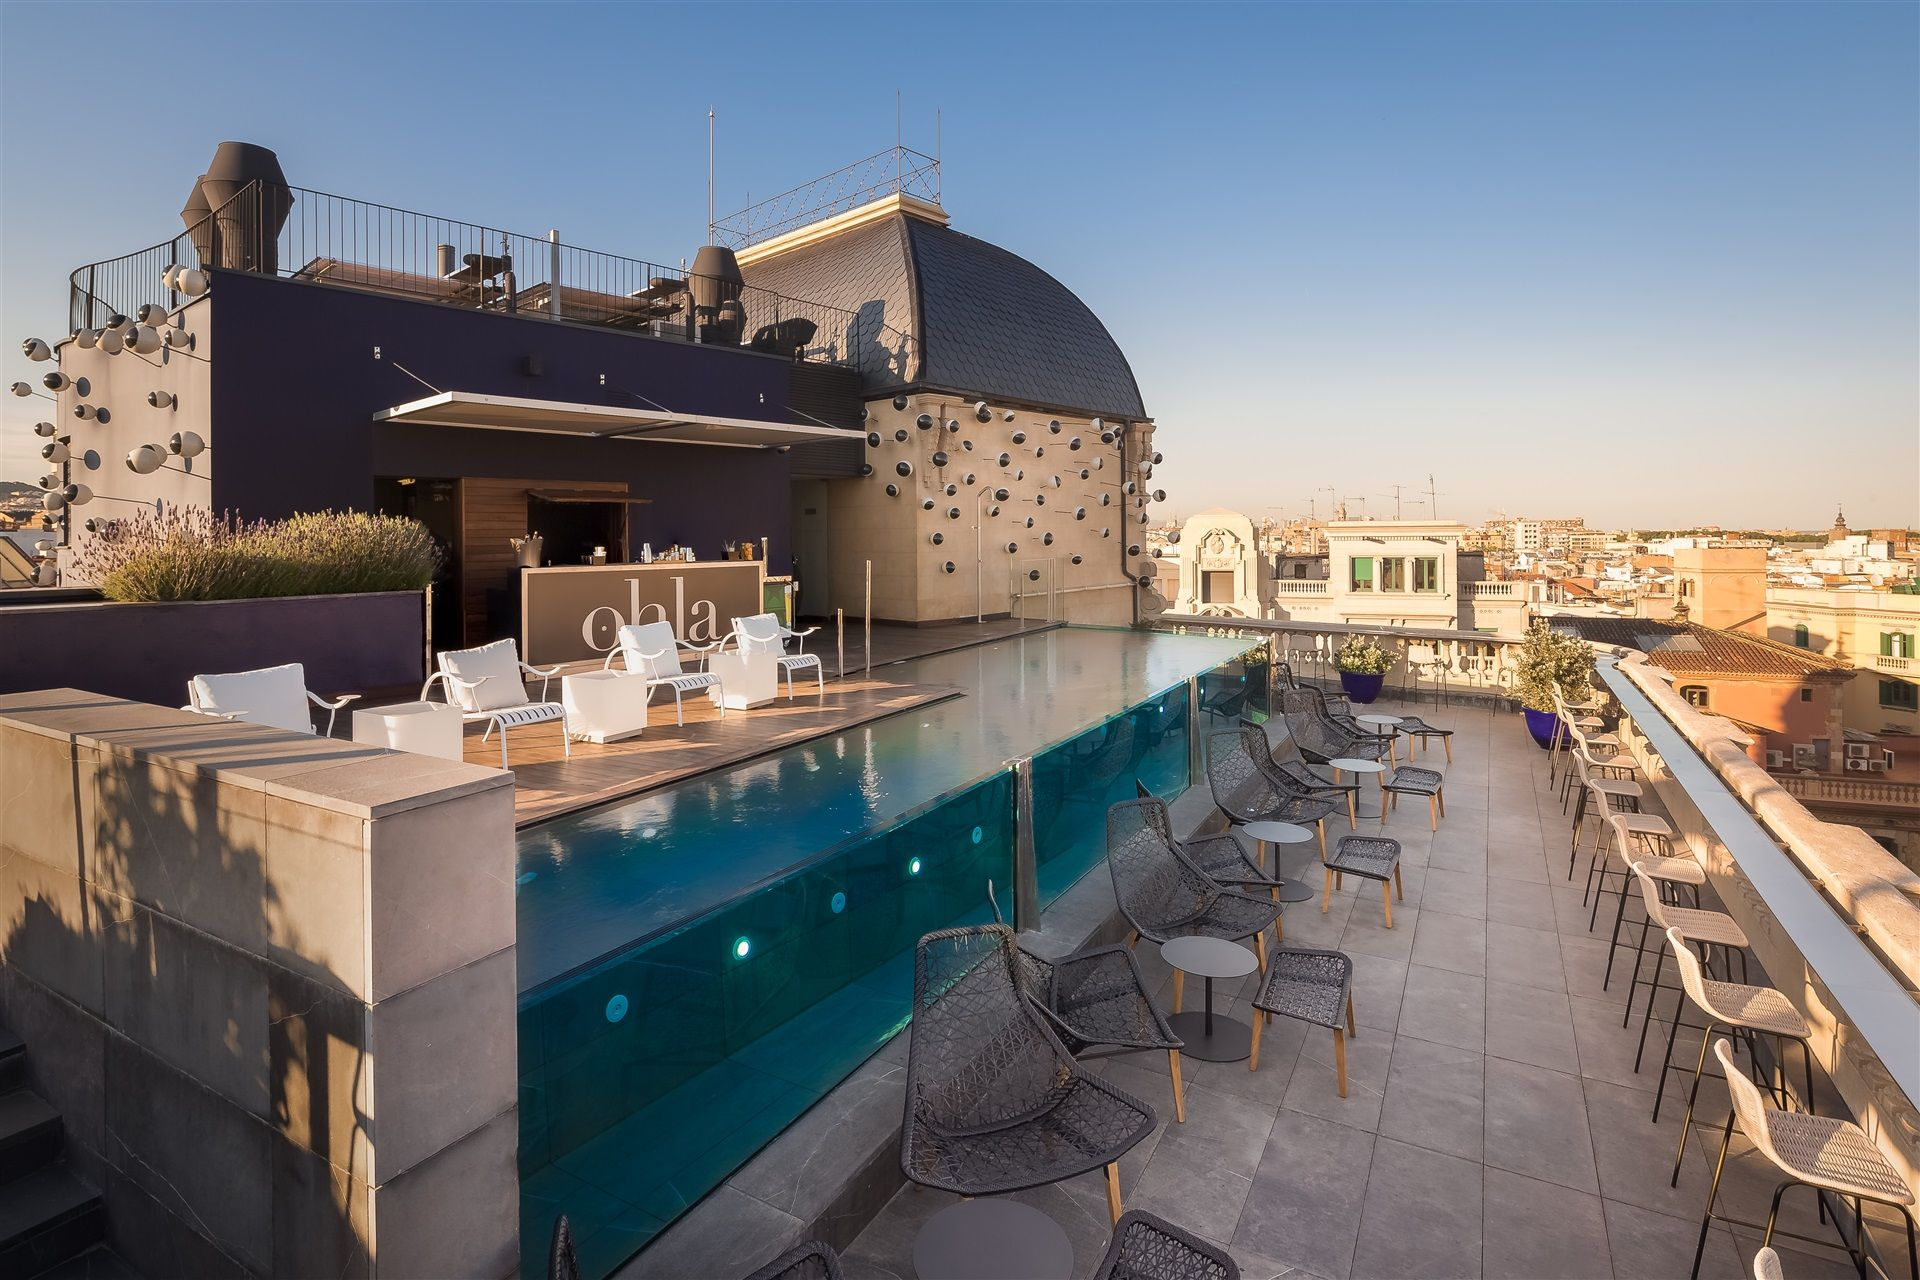 Las Mejores Terrazas De Hotel En Barcelona 2020 Terrazeo